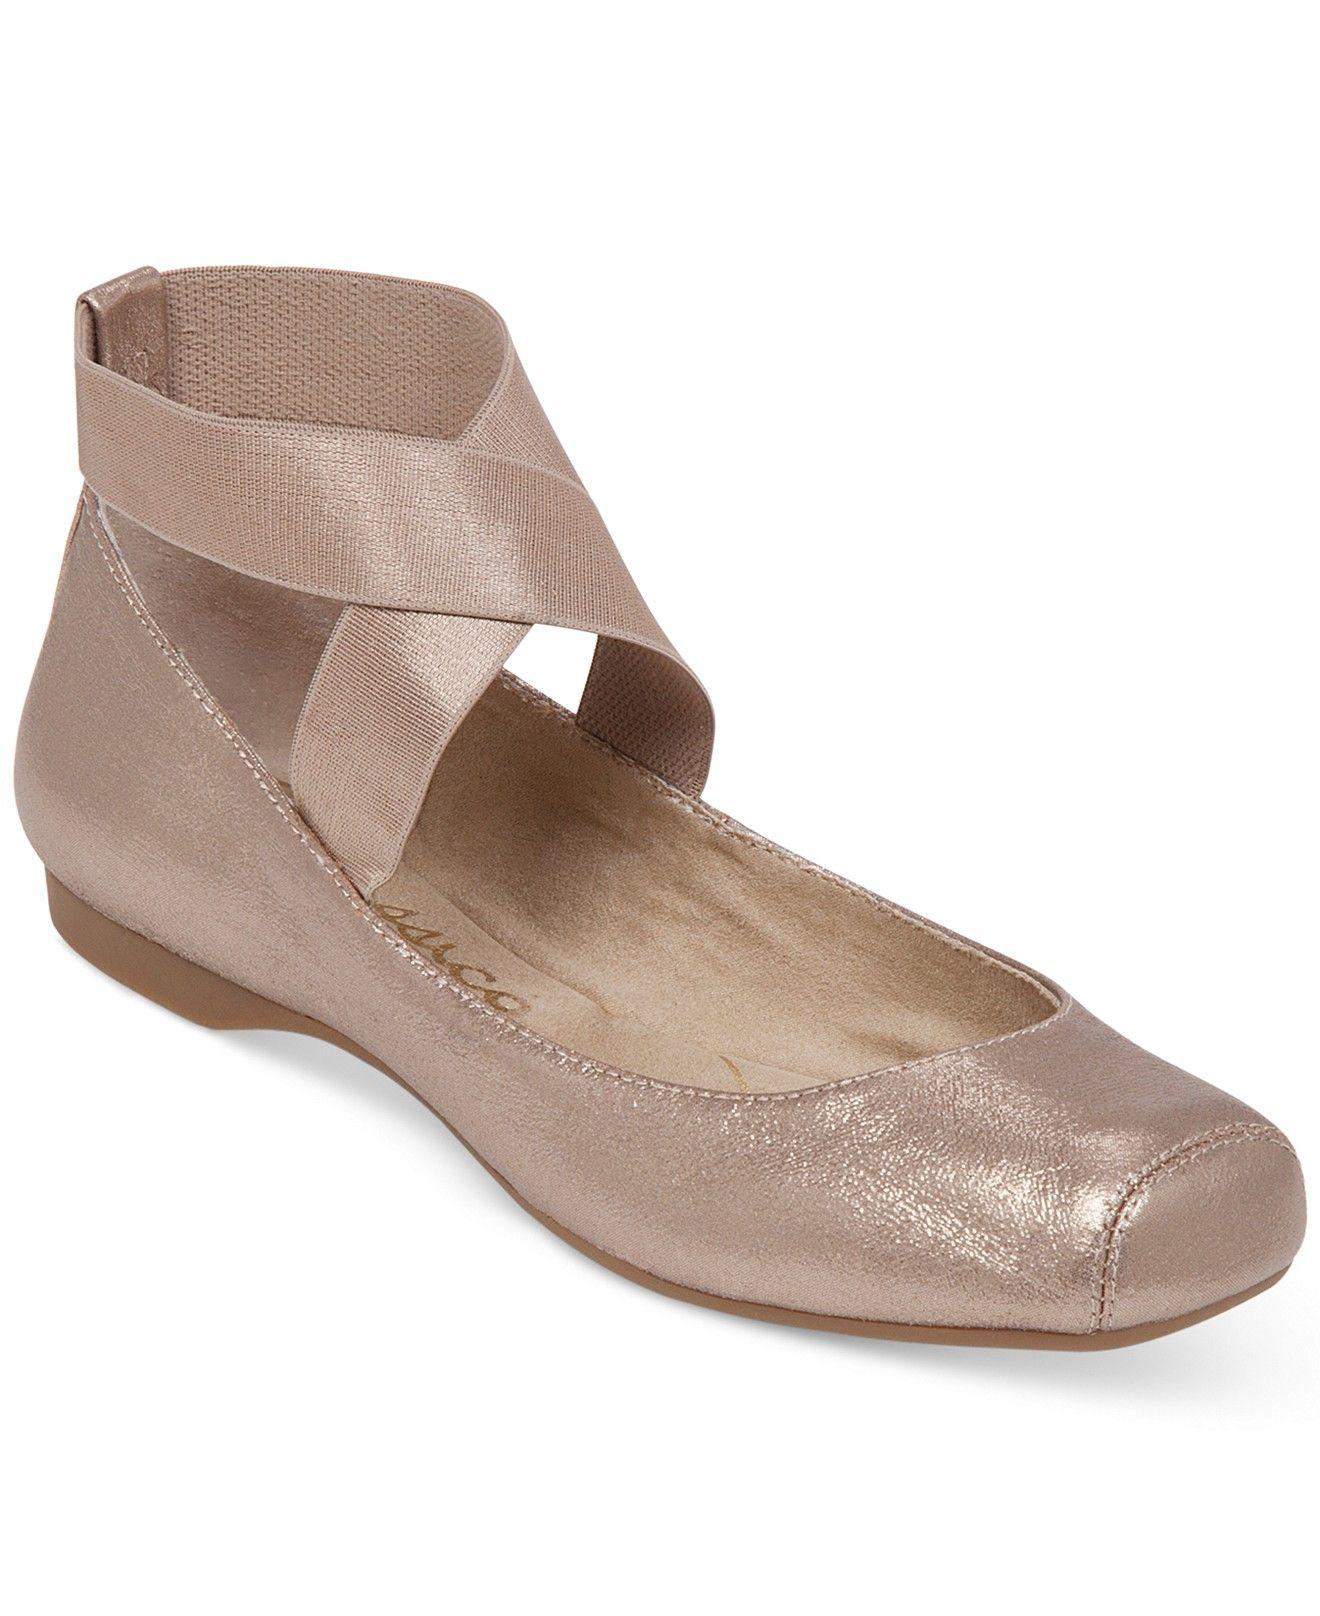 fd102ec83643 Jessica Simpson Mandalaye Elastic Ballet Flats - Flats - Shoes - Macy's